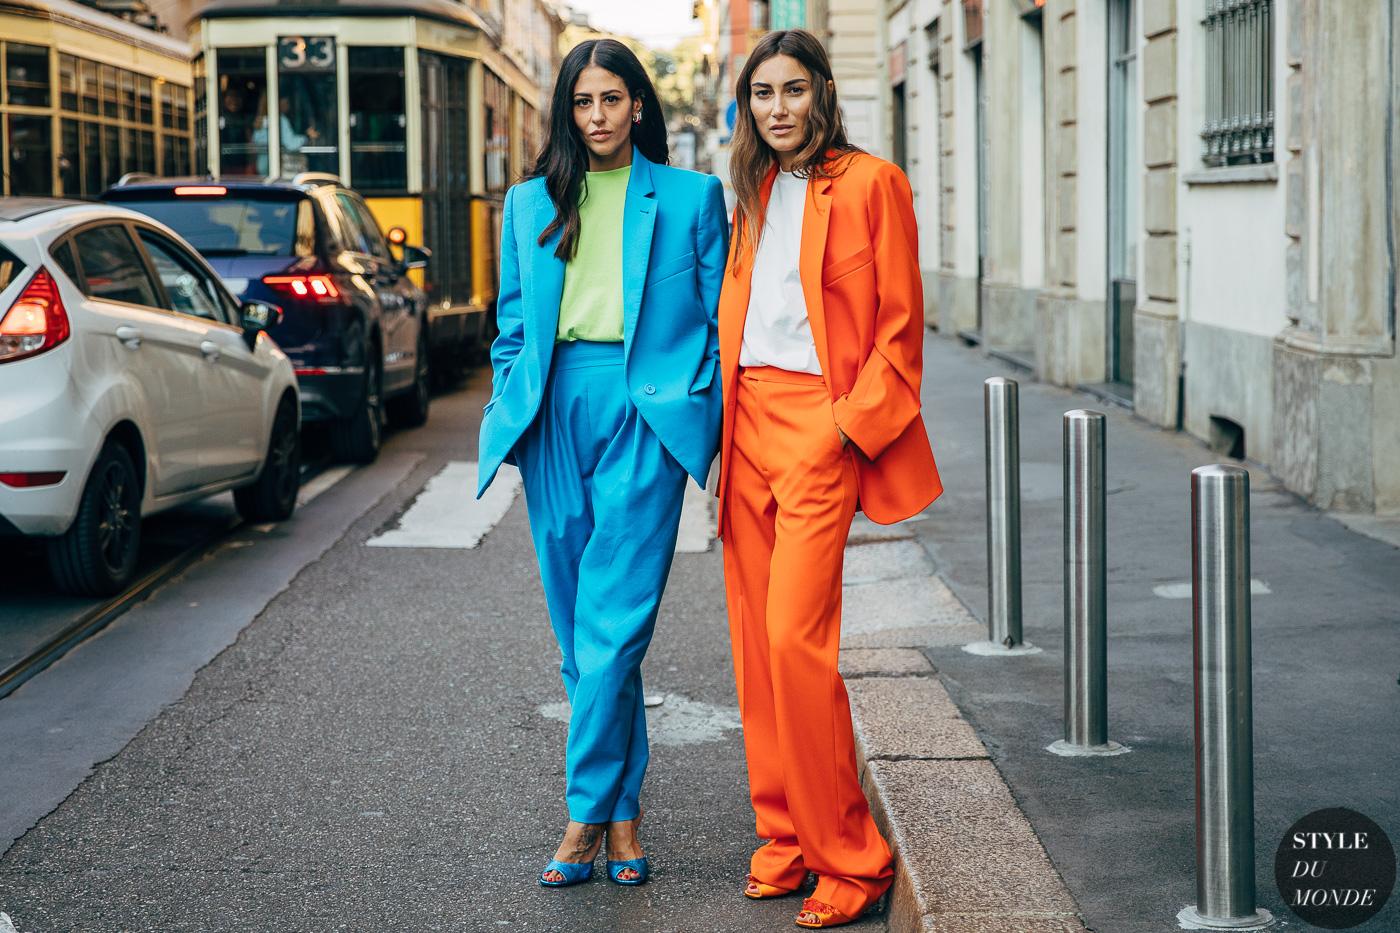 Những bộ suit quá khổ màu sắc sặc sỡ là lựa chọn hoàn hảo cho nàng Bảo Bình